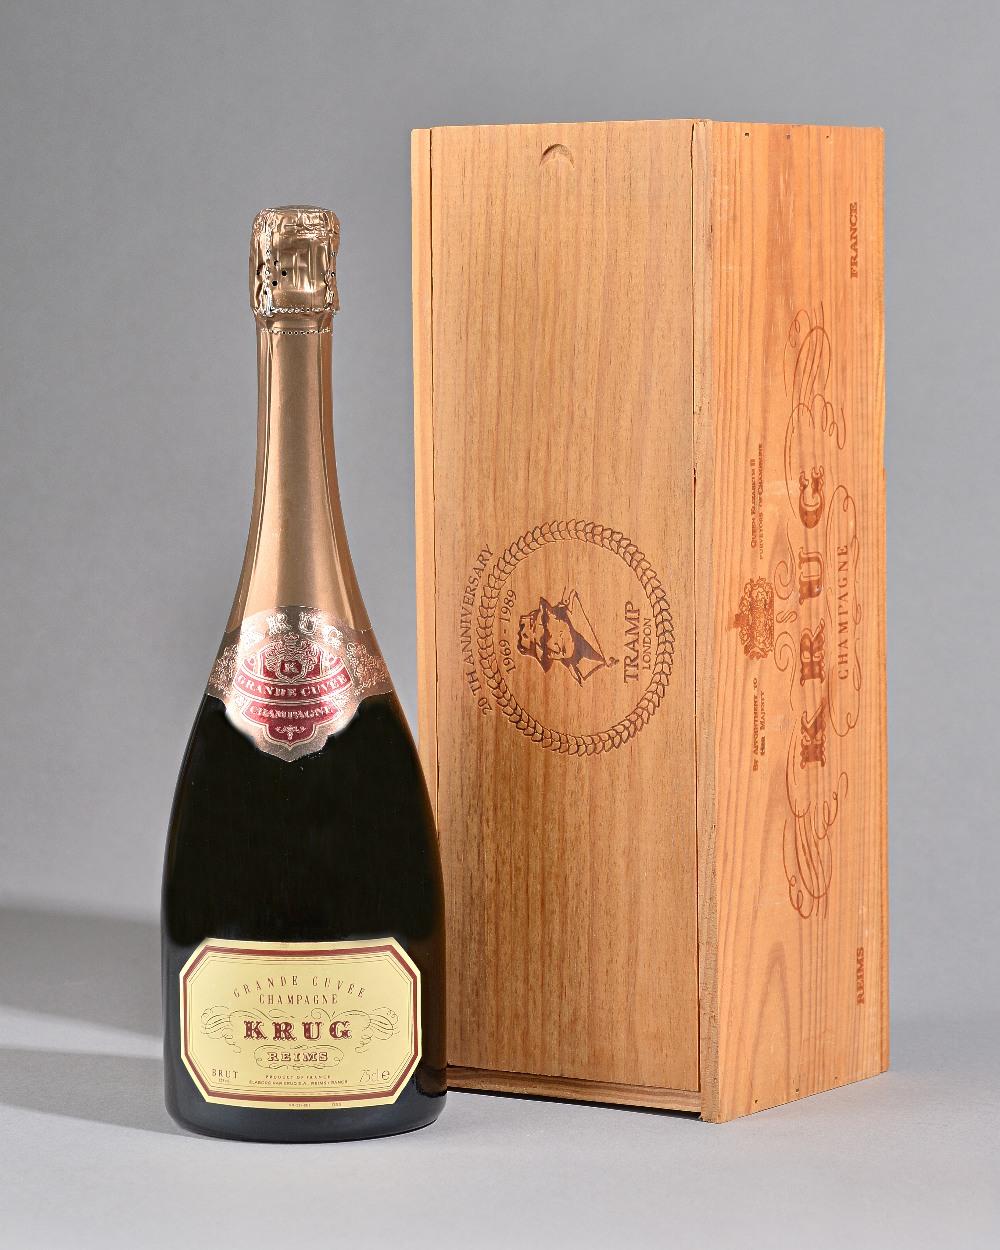 Lot 184 - One bottle 1989 Krug champagne.